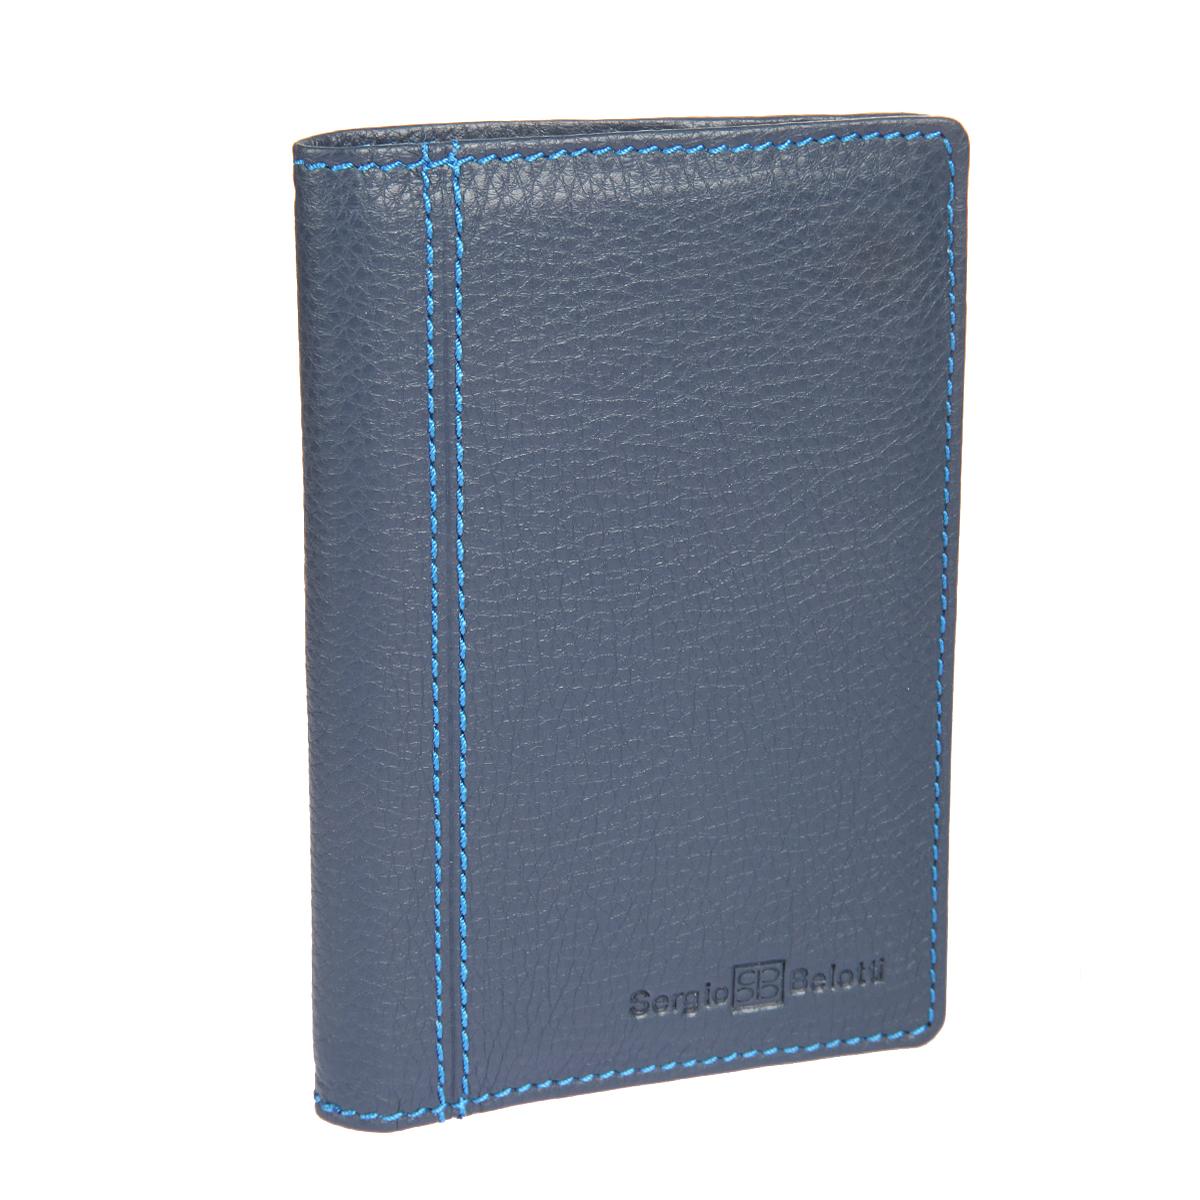 Обложка для паспорта Sergio Belotti, цвет: темно-синий. 24642464 indigo jeansСтильная обложка для паспорта Sergio Belotti выполнена из натуральной высококачественной кожи и оформлена фактурным тиснением, названием и логотипом бренда на лицевой стороне, декоративной прострочкой. Изделие раскладывается пополам. Внутри - сетчатый карман, два отсека и накладной кармашек для SIM-карты. Обложка для паспорта упакована в фирменную коробку. Такая обложка для паспорта станет отличным подарком для человека, ценящего качественные и стильные вещи.